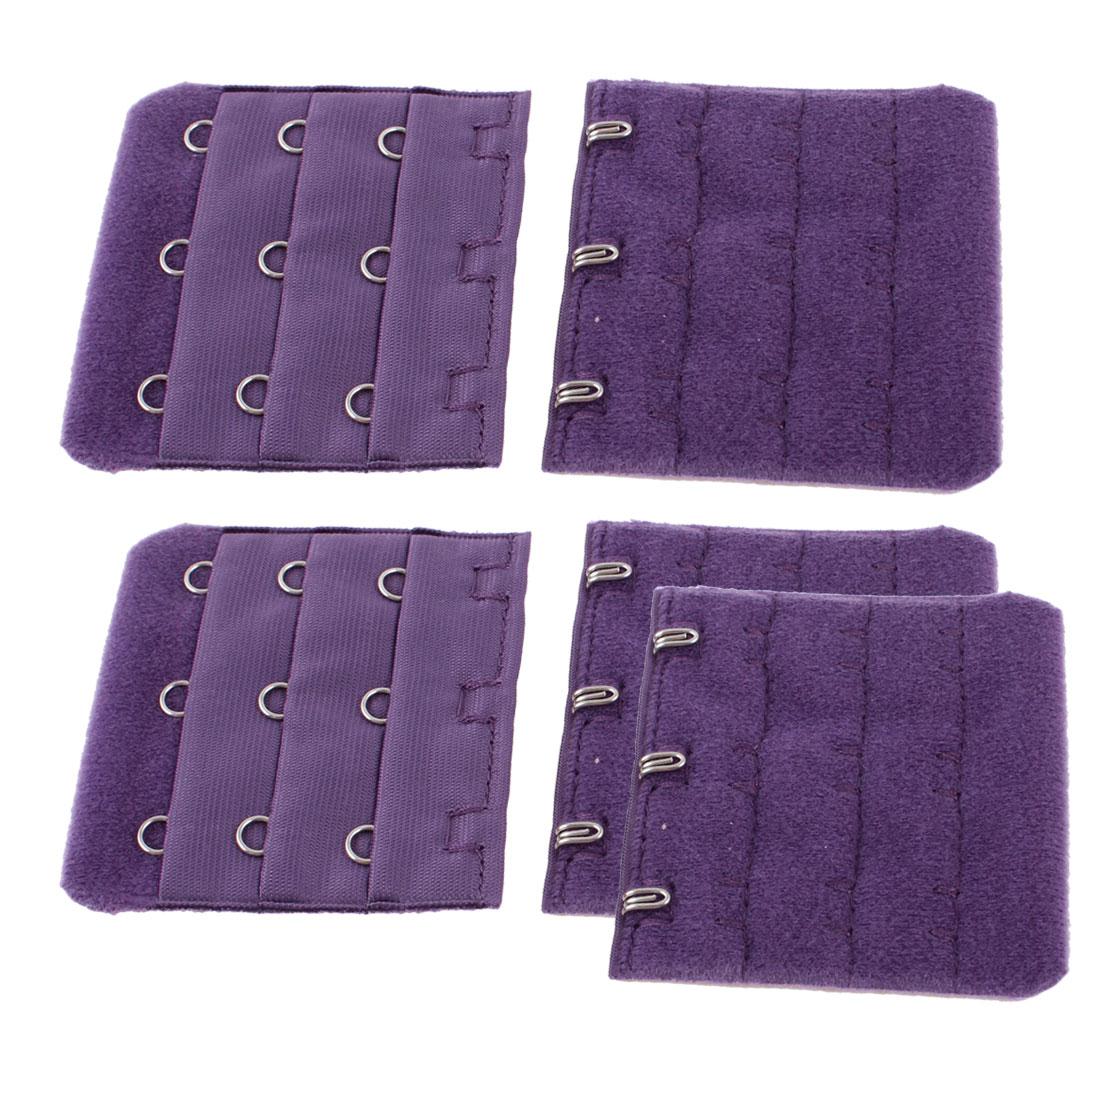 Women 3 Rows 3 Hooks Extension Bra Strap Extender Eggplant Color 5 Pcs